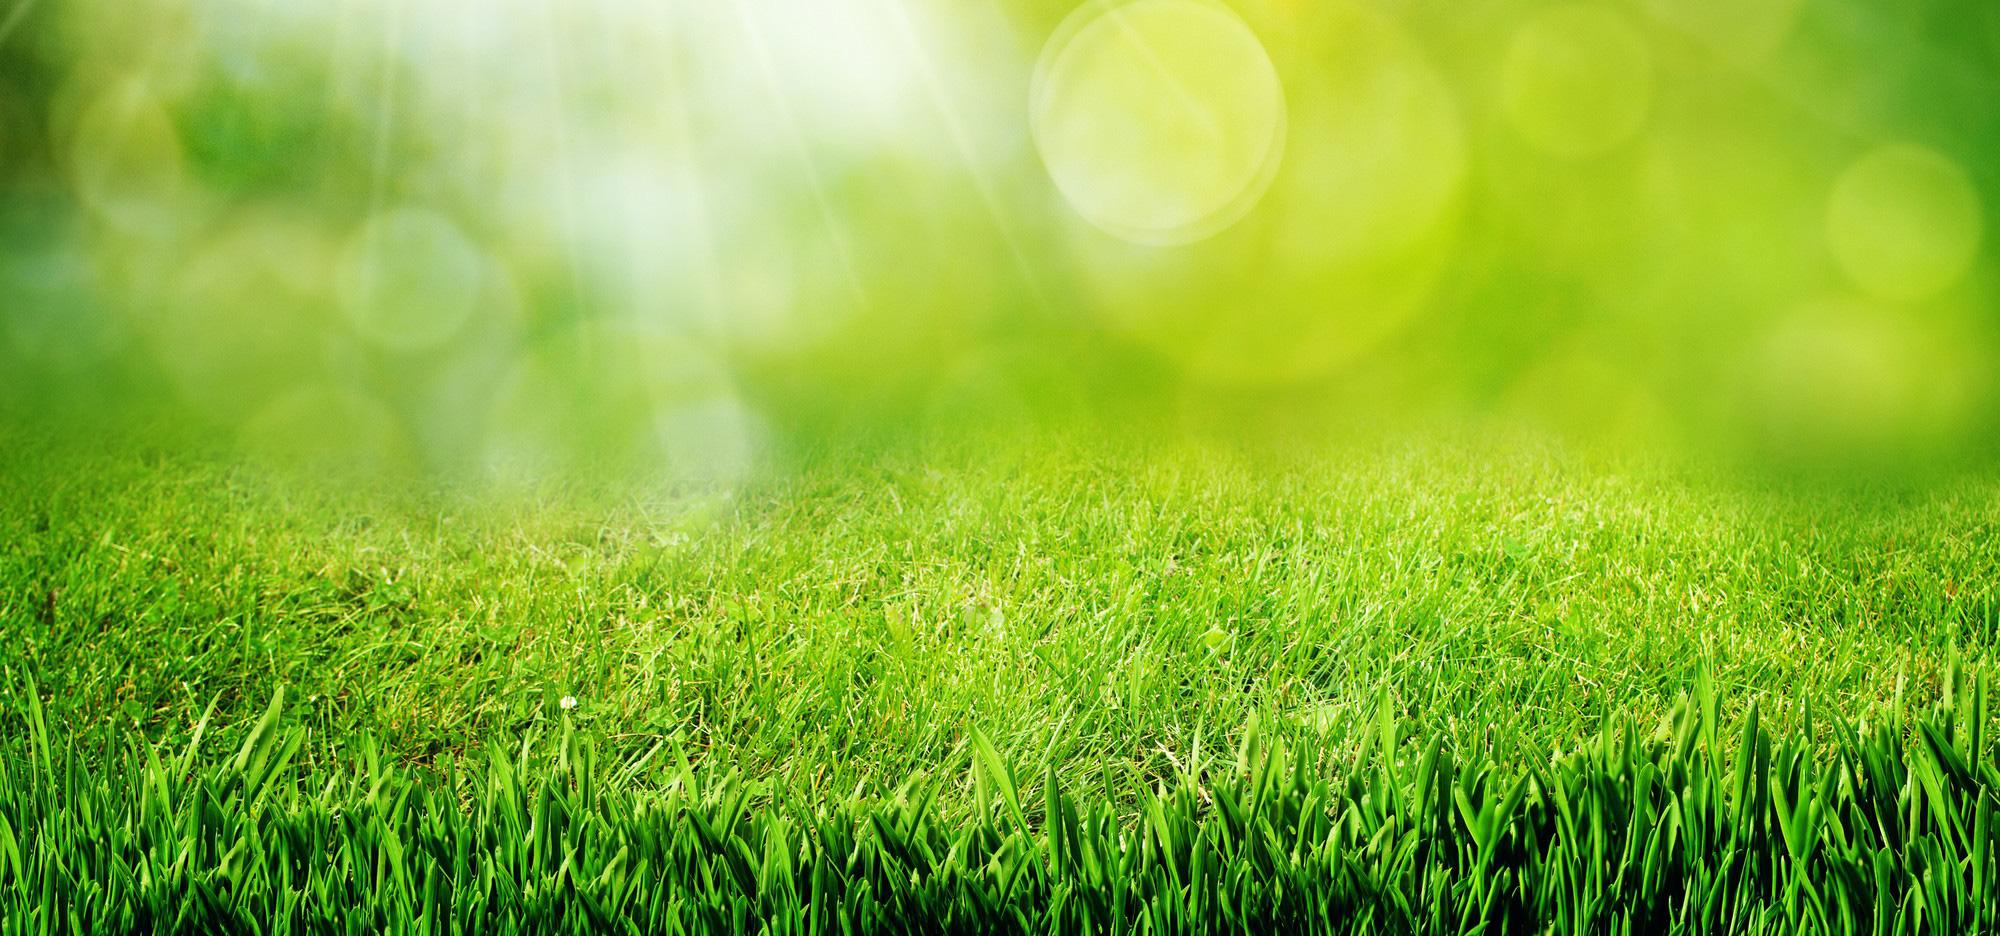 Robot tondeuse tondeuse gazon ou tracteur que choisir for Combien demander pour tondre la pelouse